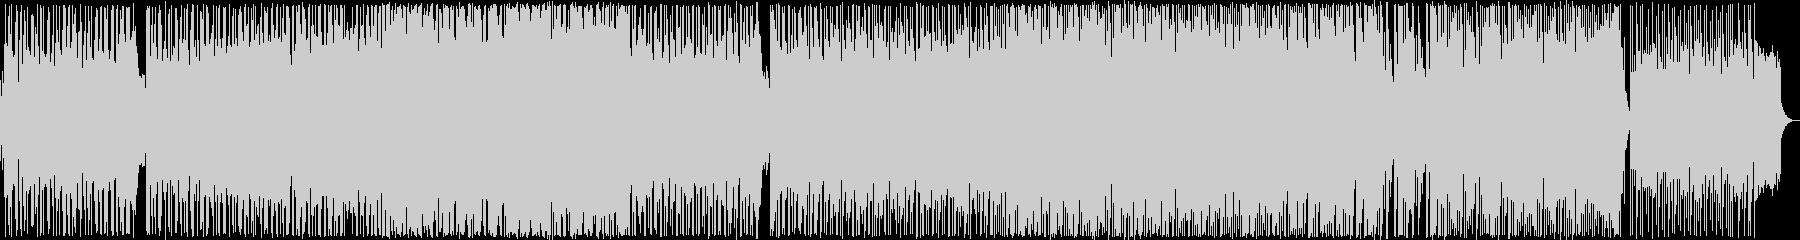 ゆったりとしたメロディのポップバラード2の未再生の波形